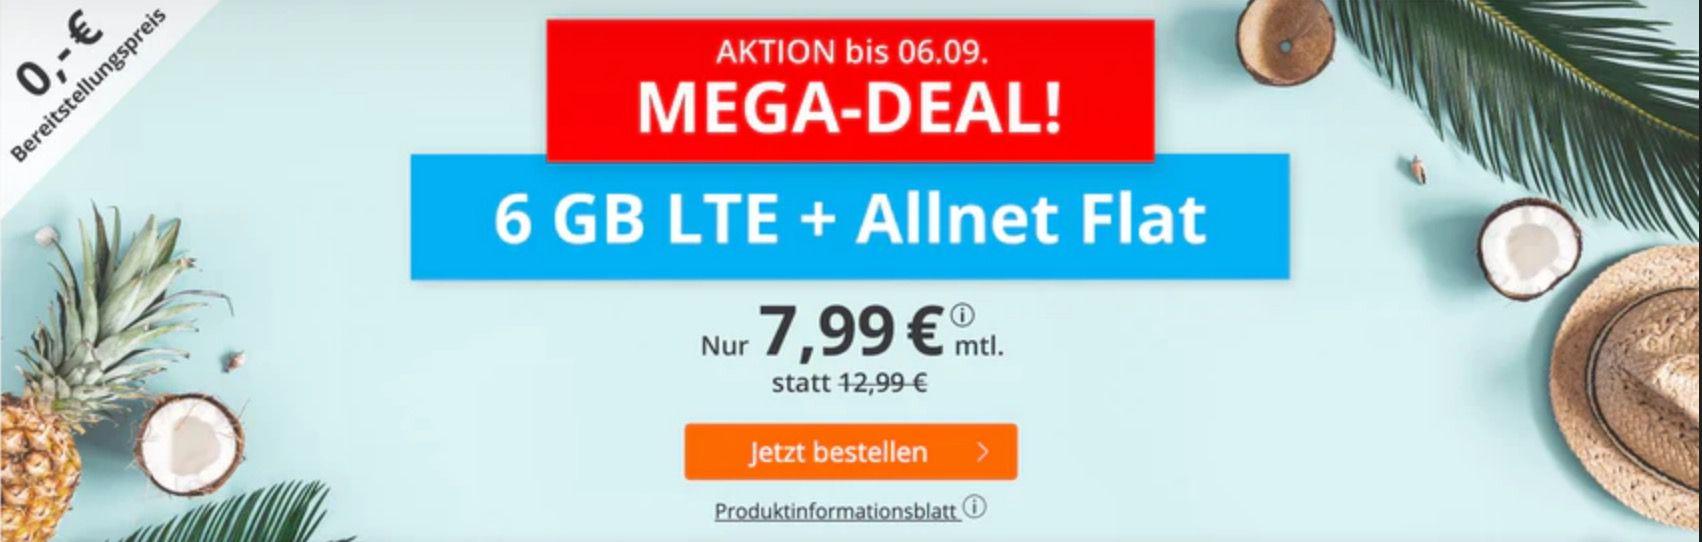 Top!🔥 o2 Allnet Flat mit 6GB LTE für 7,99€ mtl. + keine Laufzeit